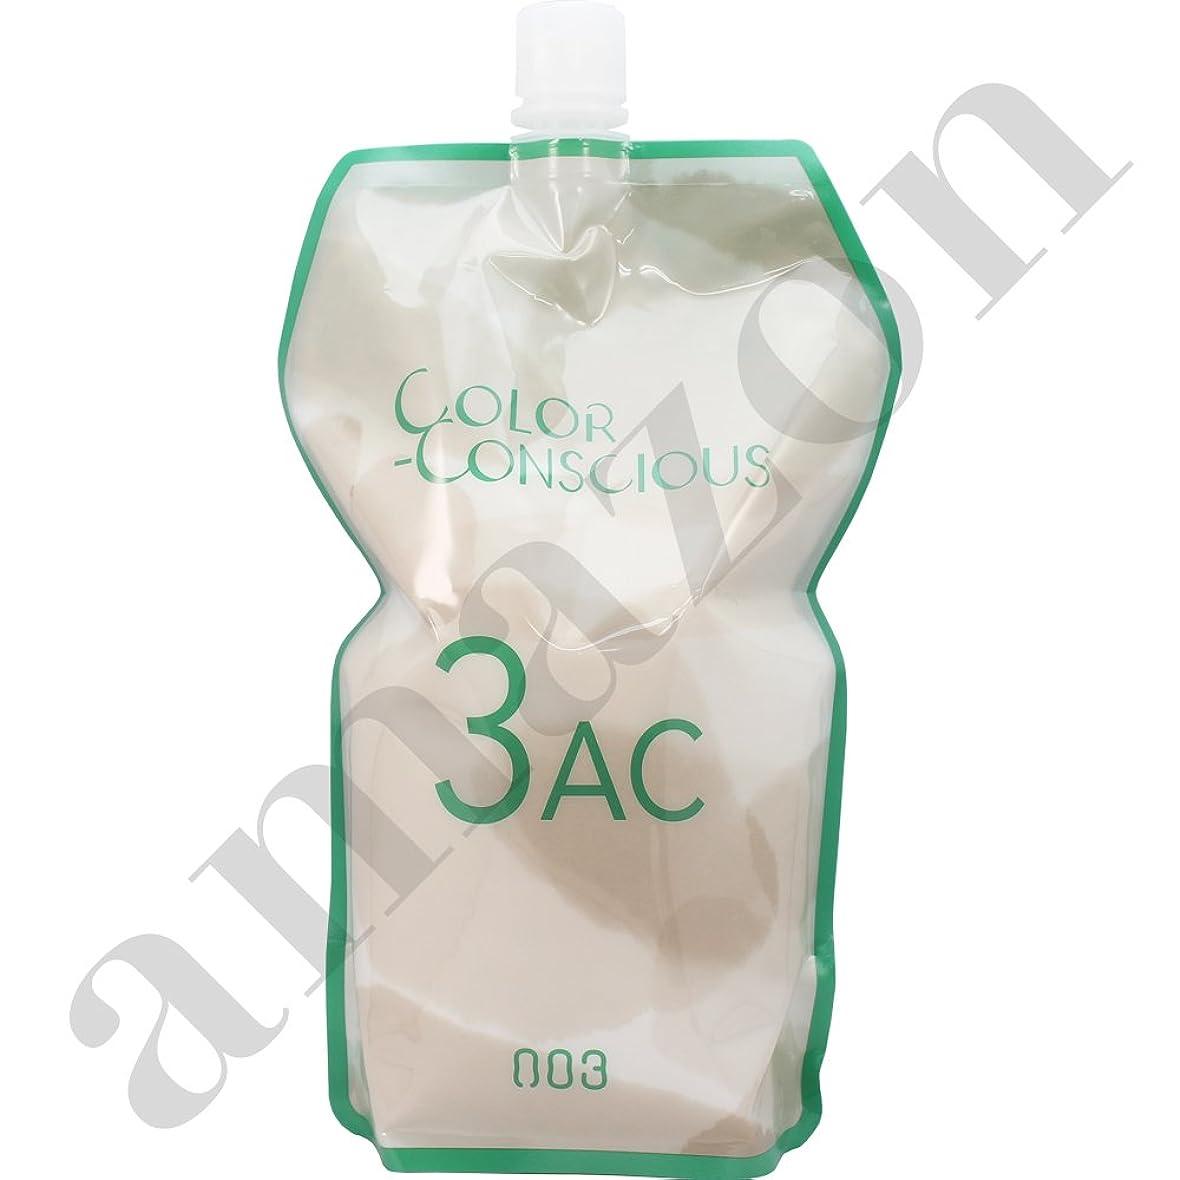 誘発する土器コード【ナンバースリー】カラーコンシャス (2剤) OX3.0 AC 1200ml